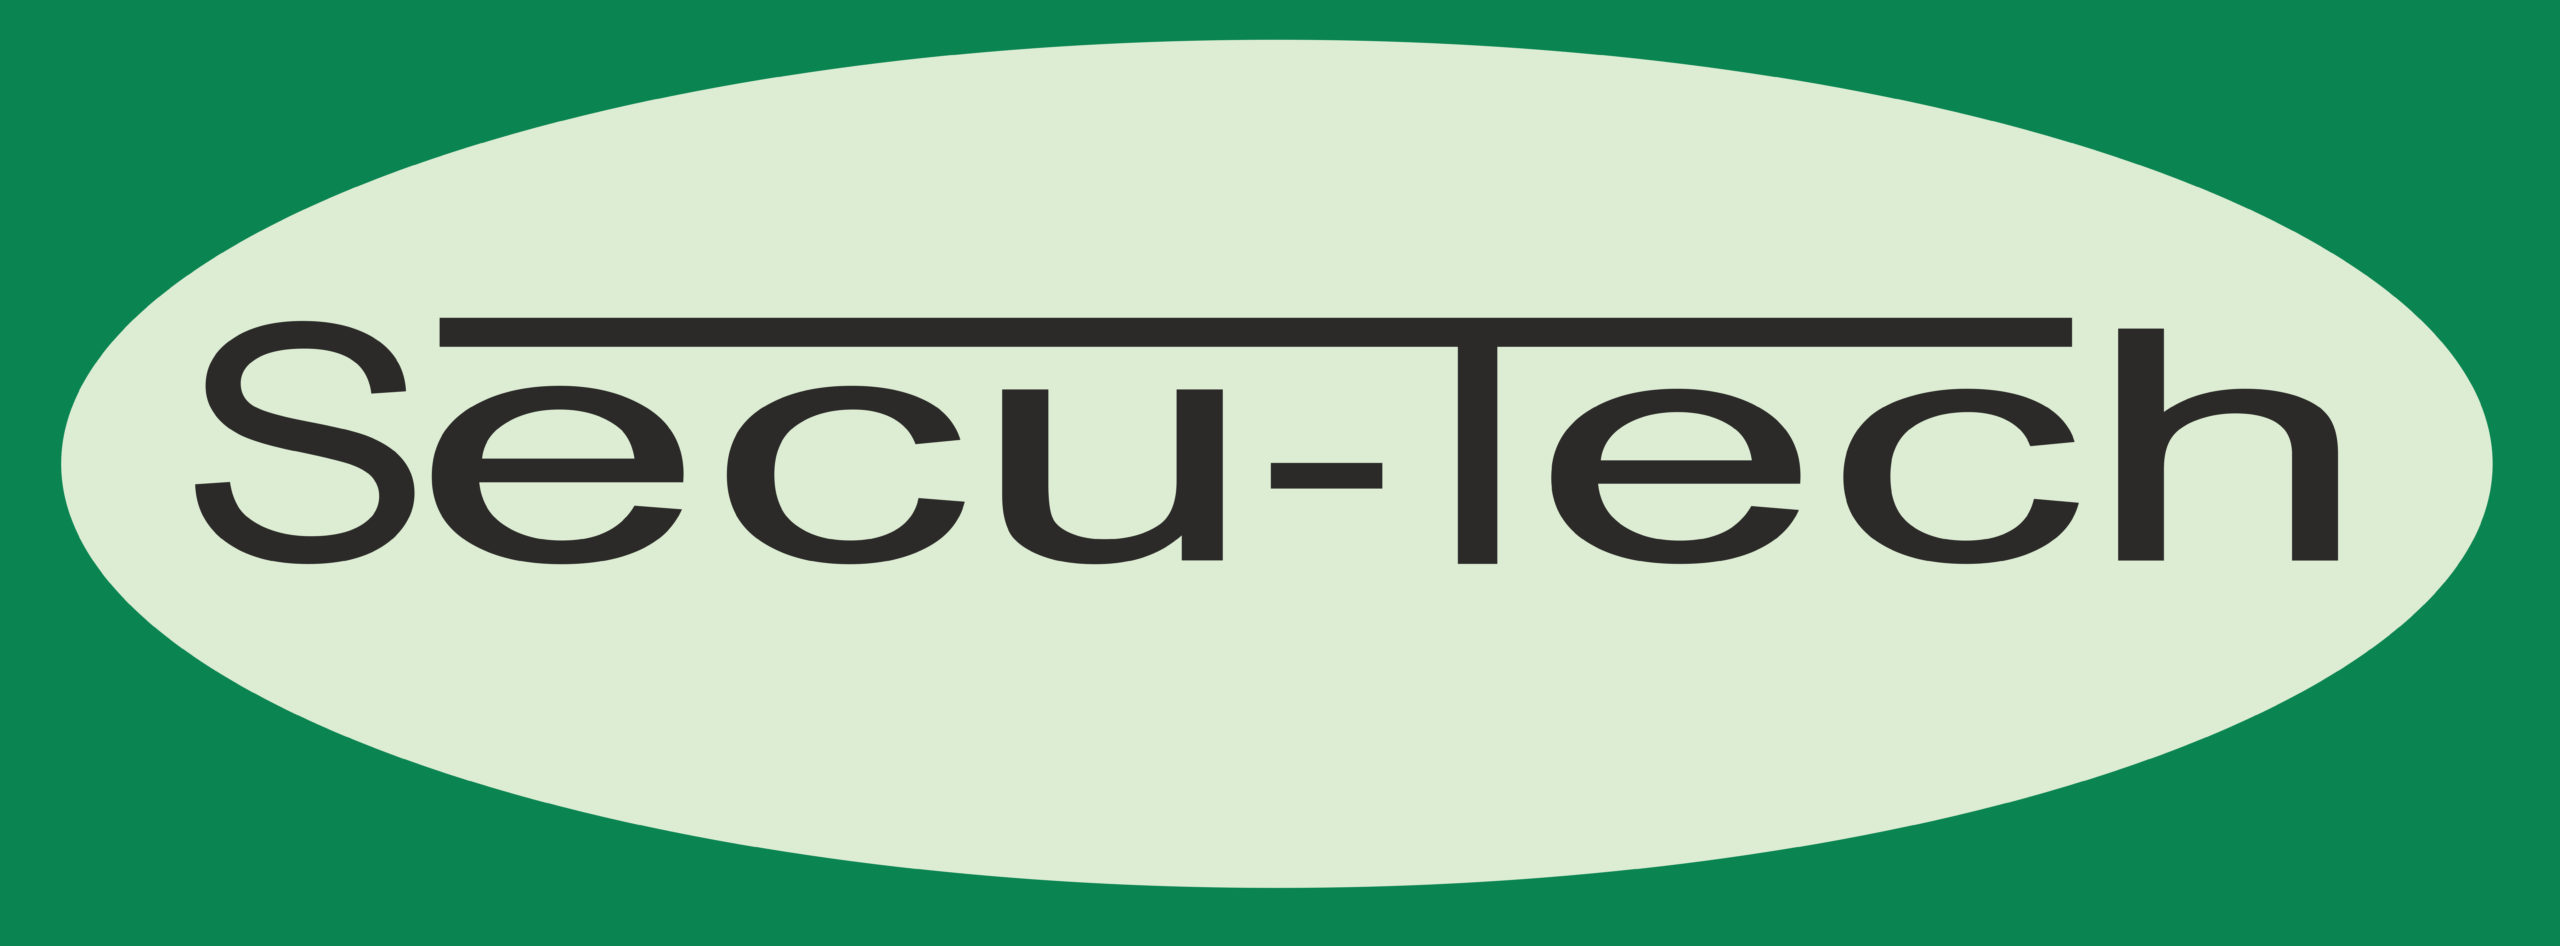 Secu-Tech